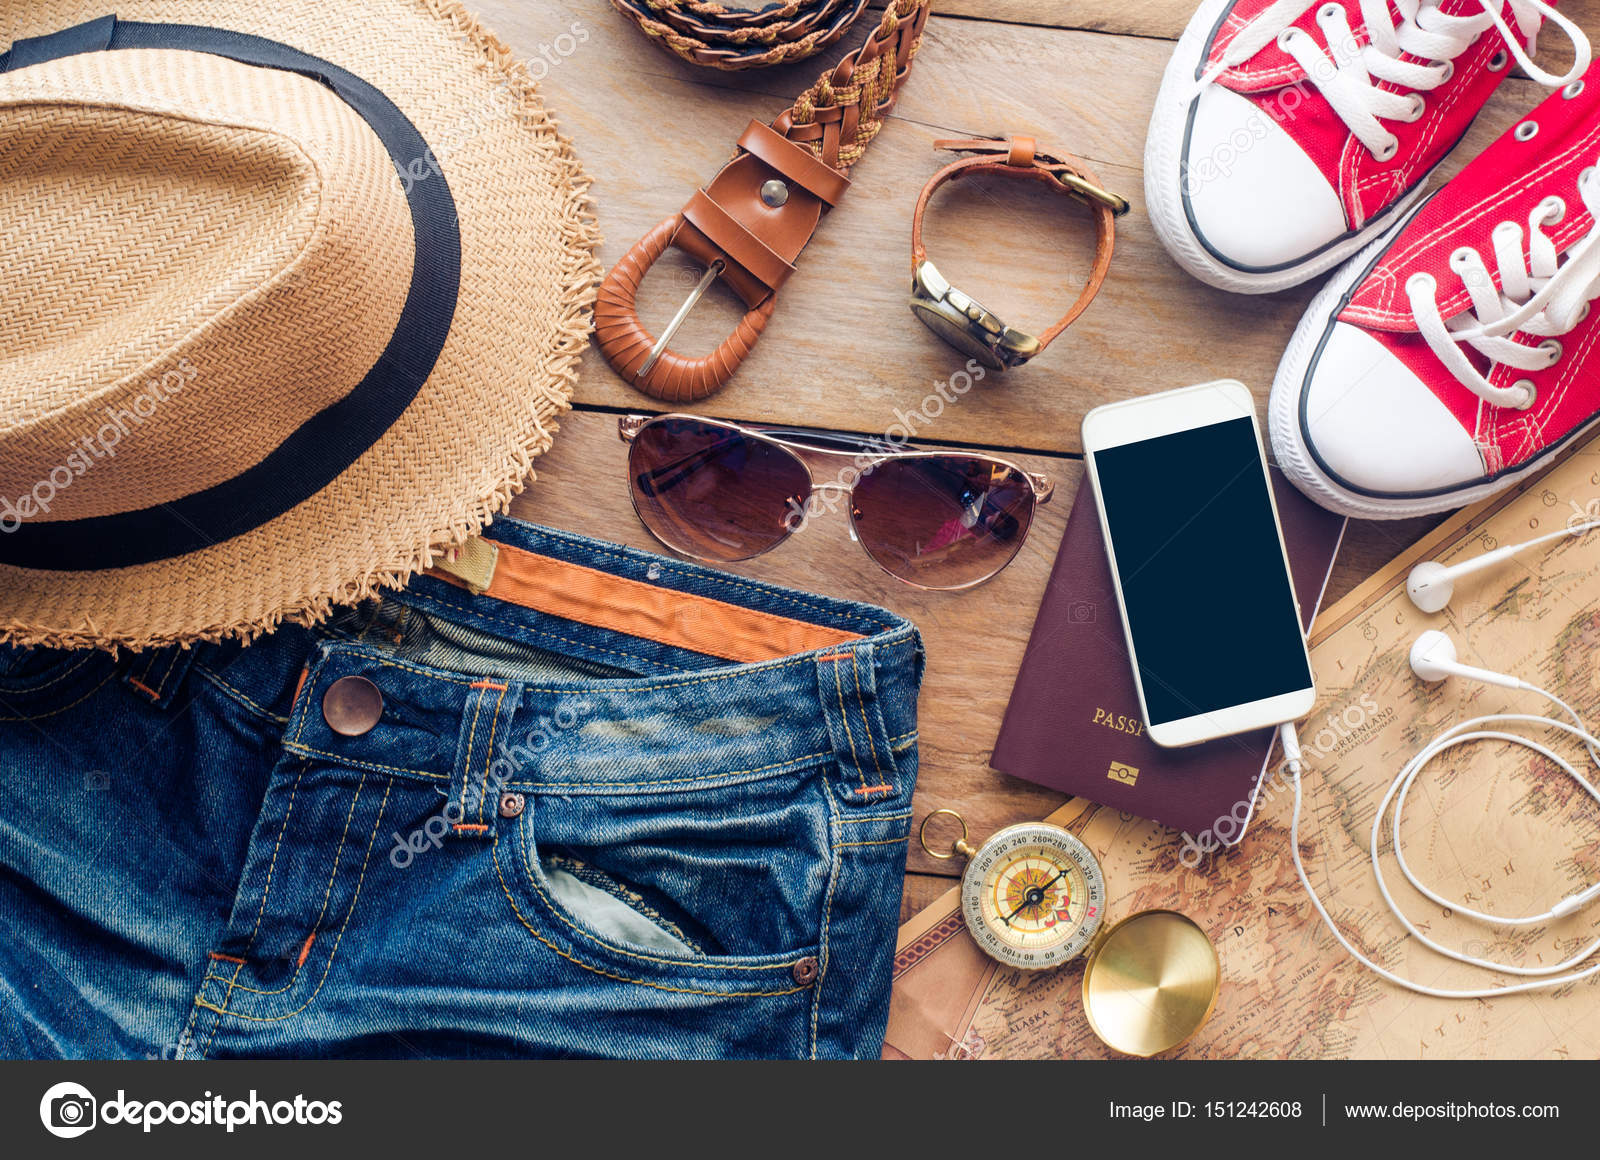 Acessórios para adolescente em suas férias. Chapéu de palha, óculos de sol  à moda, bolsa de couro marrom, sapatos vermelhos e fantasia no piso de  madeira– ... f7d0ace1d6